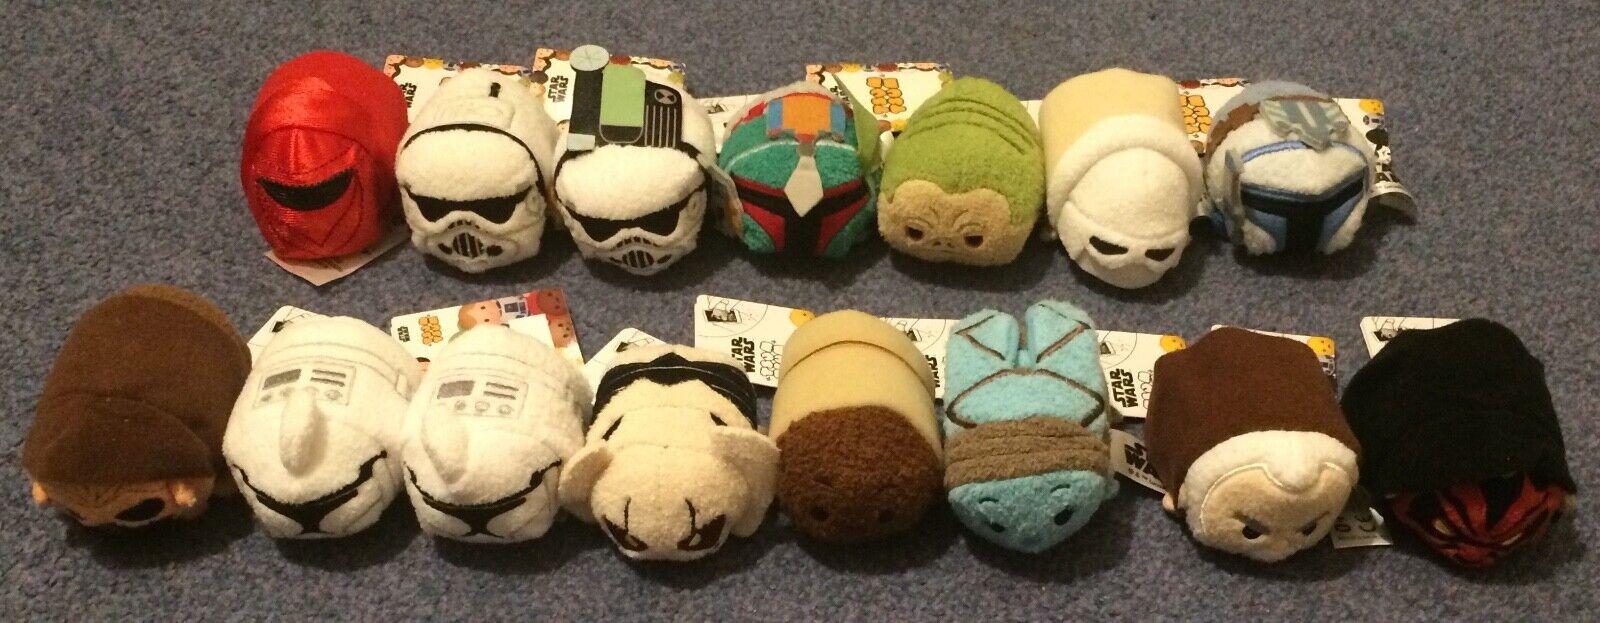 Star Wars Tsum Tsum Boba Fett Jango Grievous Clones Stormtroopers Jabba Dooku